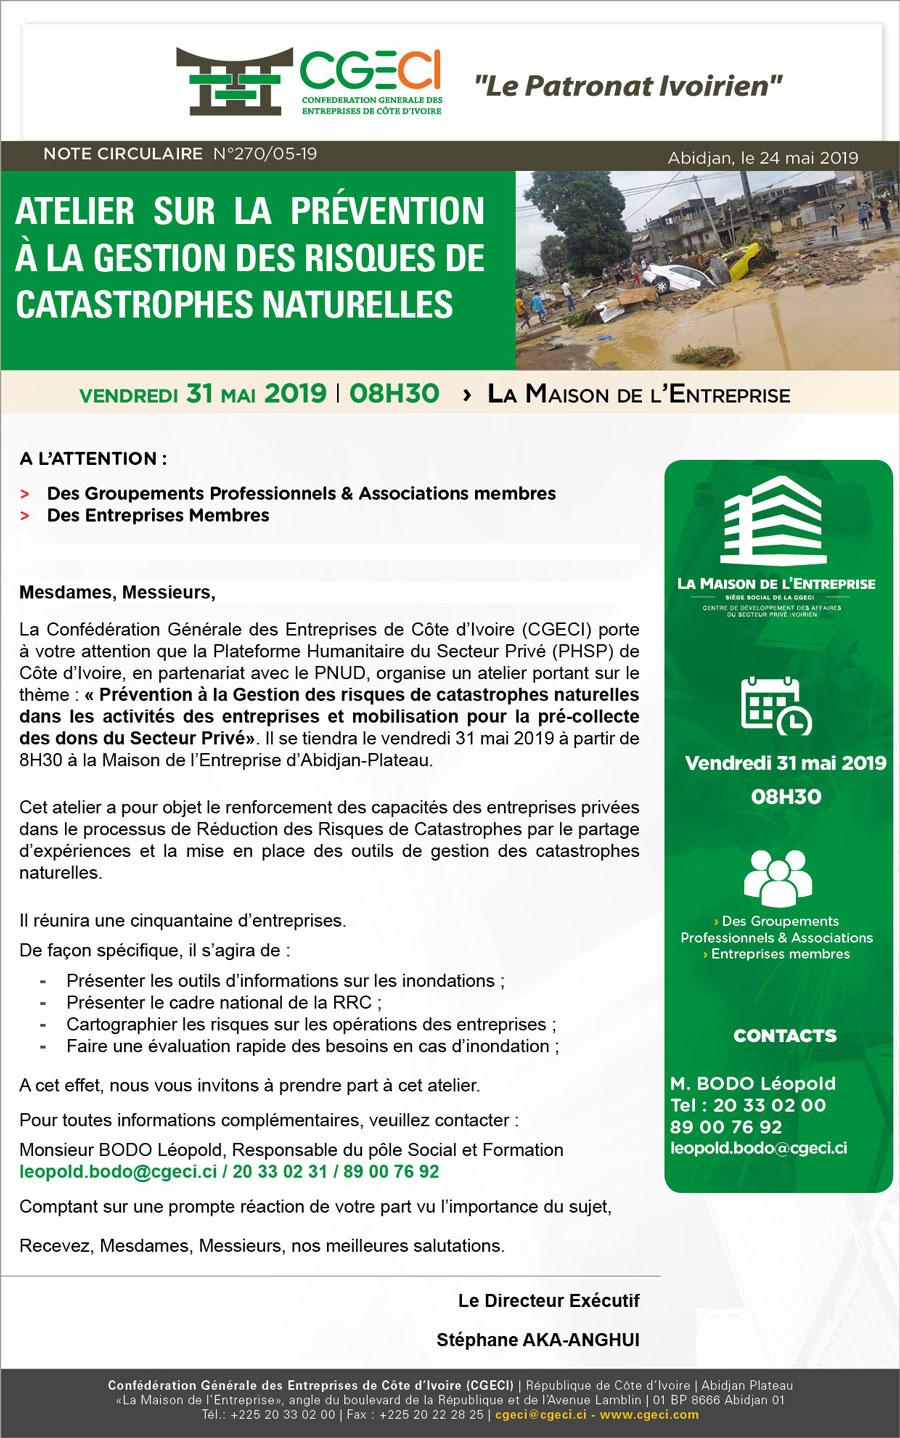 Atelier sur la prévention à la gestion des risques de catastrophes naturelles